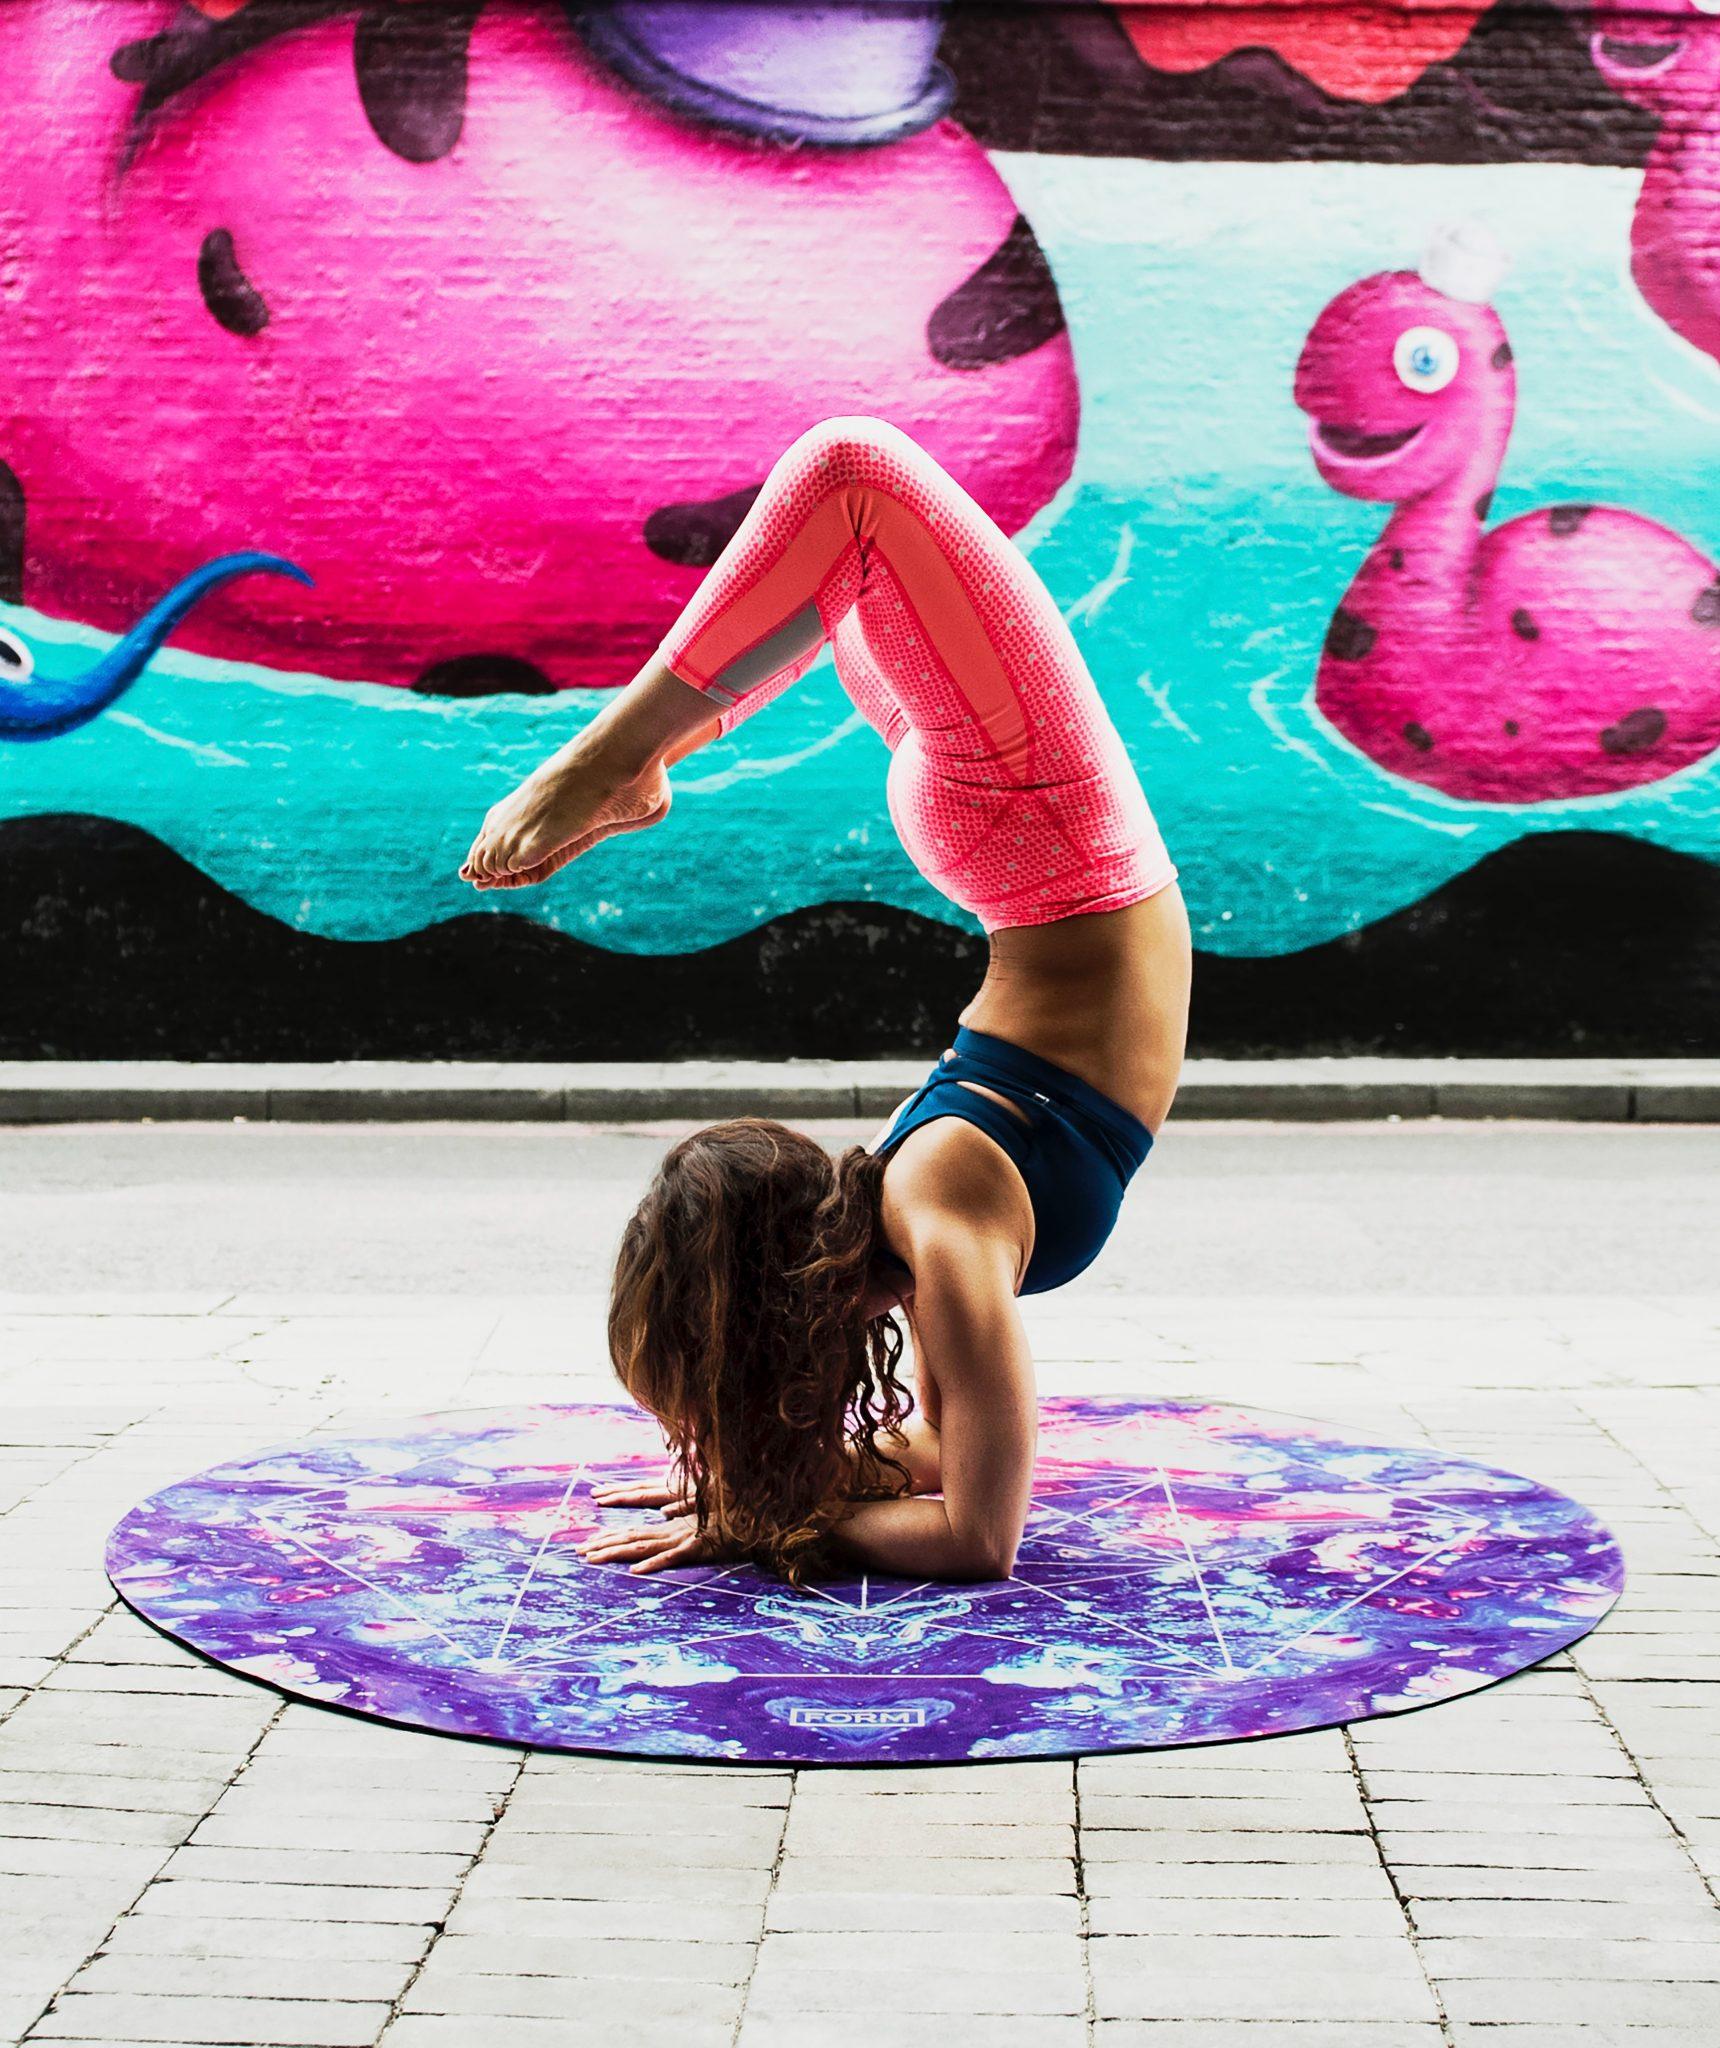 Donna che fa sport in posizione acrobatica su un tappetino da yoga - foto in CC tatianaberlaffa.com